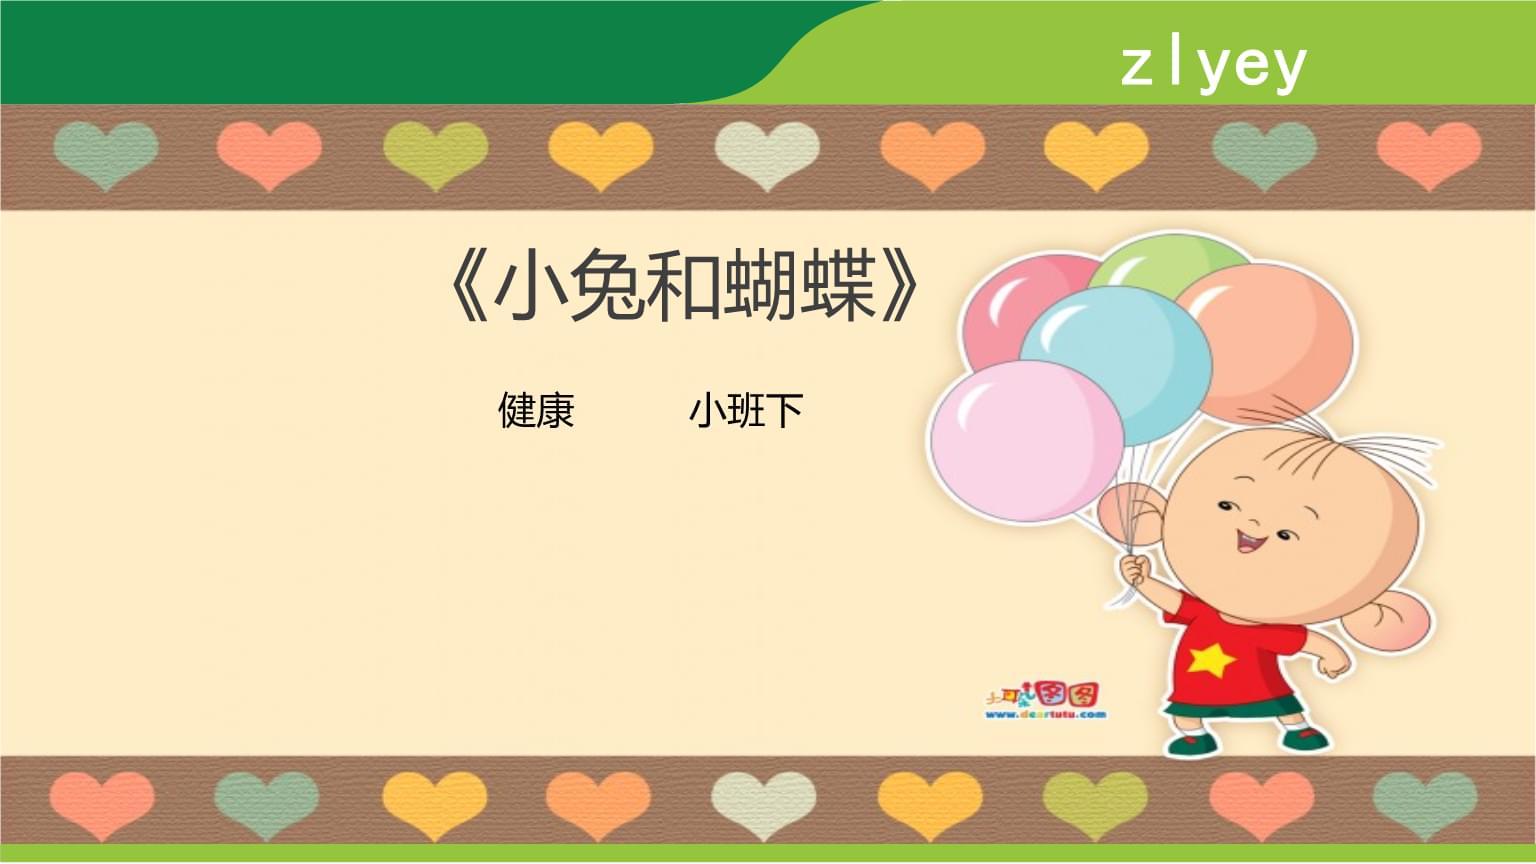 幼儿园小班 健康活动《小兔和蝴蝶》课件.ppt